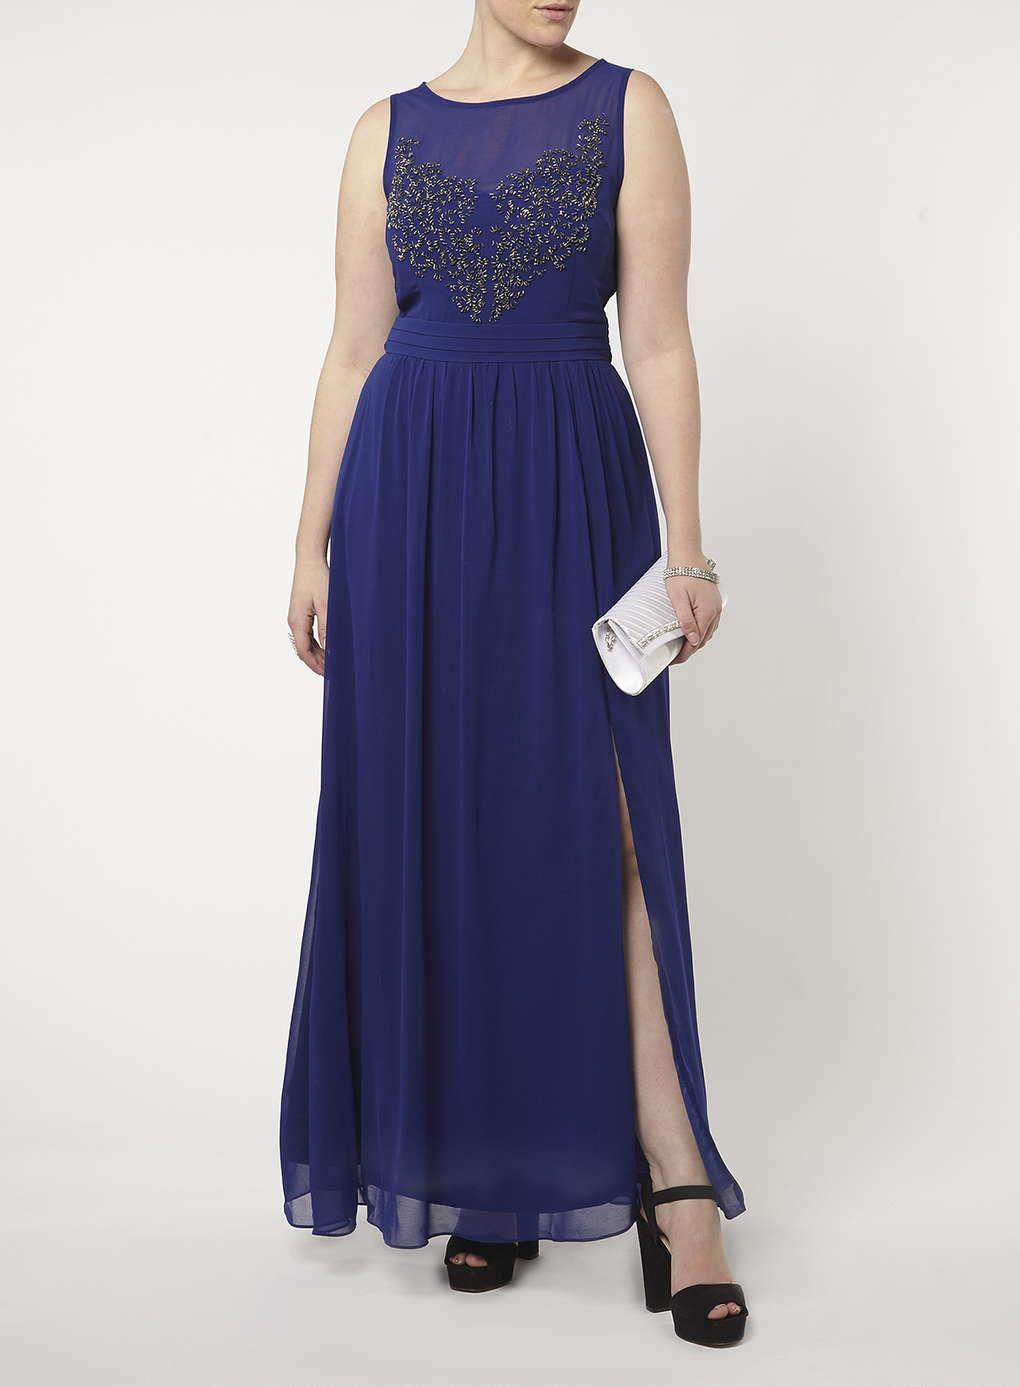 Büyük Beden Uzun Abiye Elbise Modelleri - Gece Elbiseleri - plus size dresses (20)